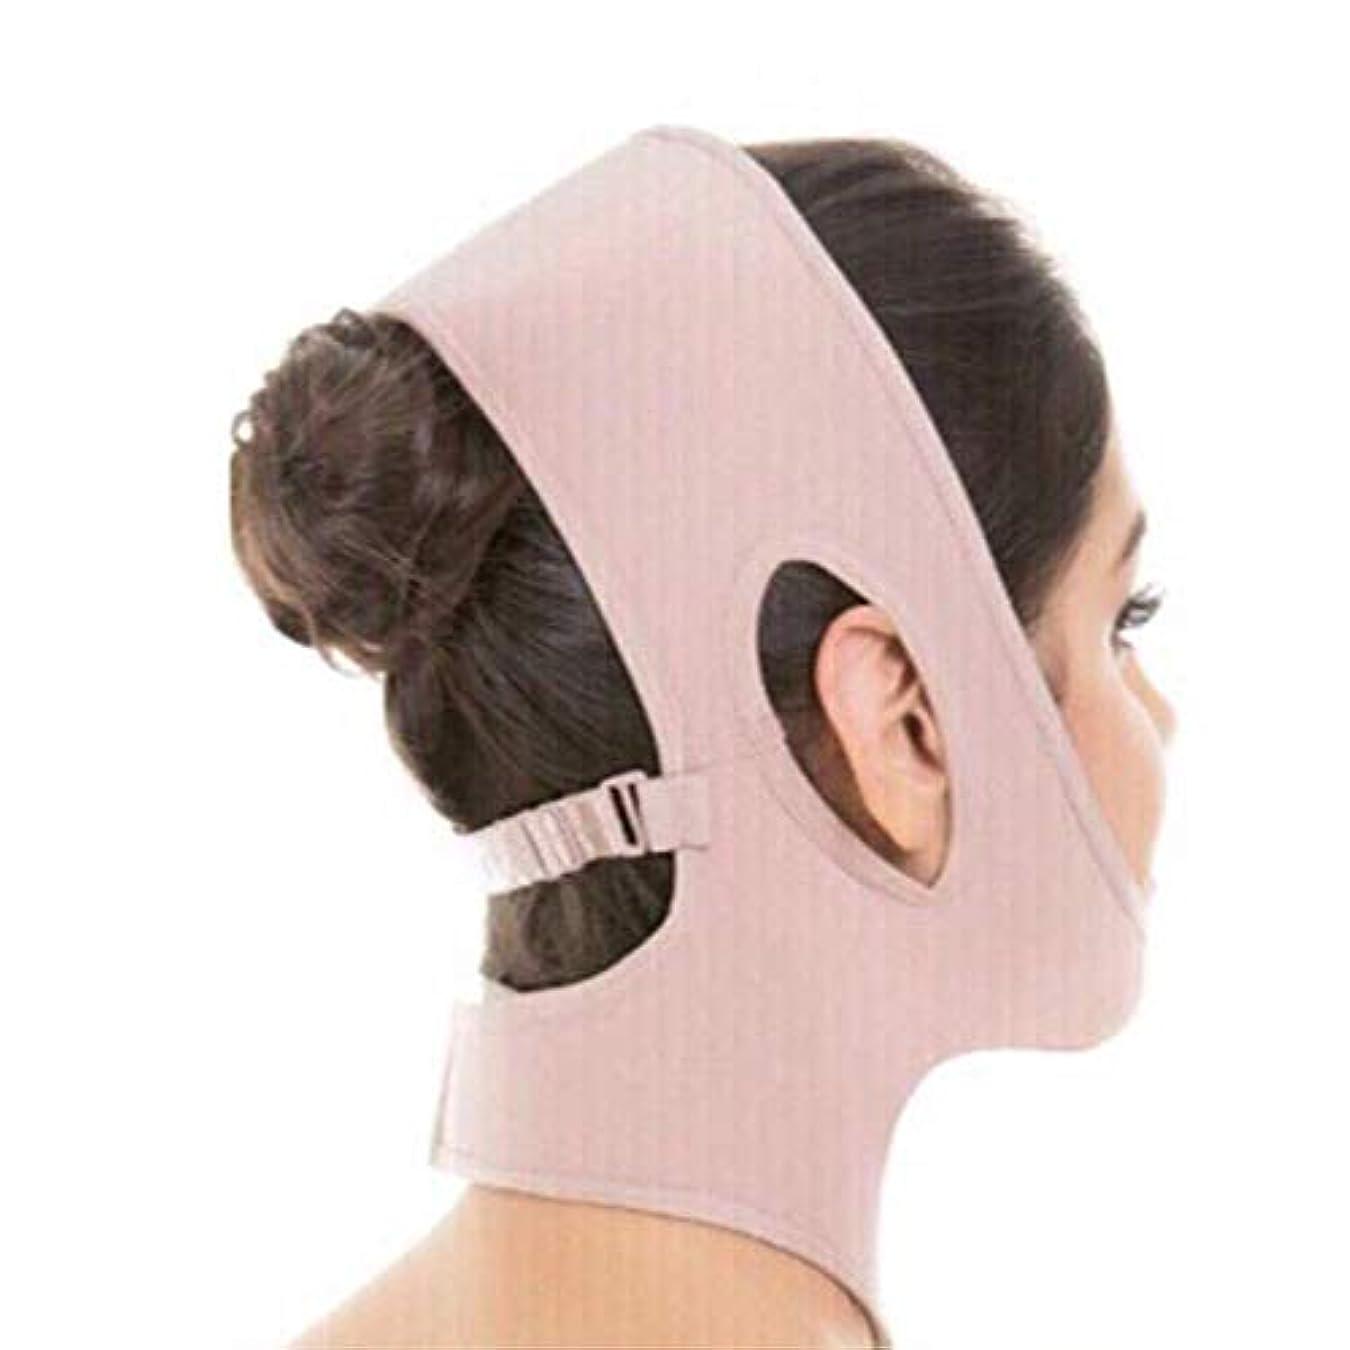 スペクトラム気配りのある共和国フェイスリフティングバンデージ、フェイスリフティングマスク、顔面の首と首を持ち上げる、顔を持ち上げて二重あごを減らす(フリーサイズ)(カラー:カーキ色),カーキ